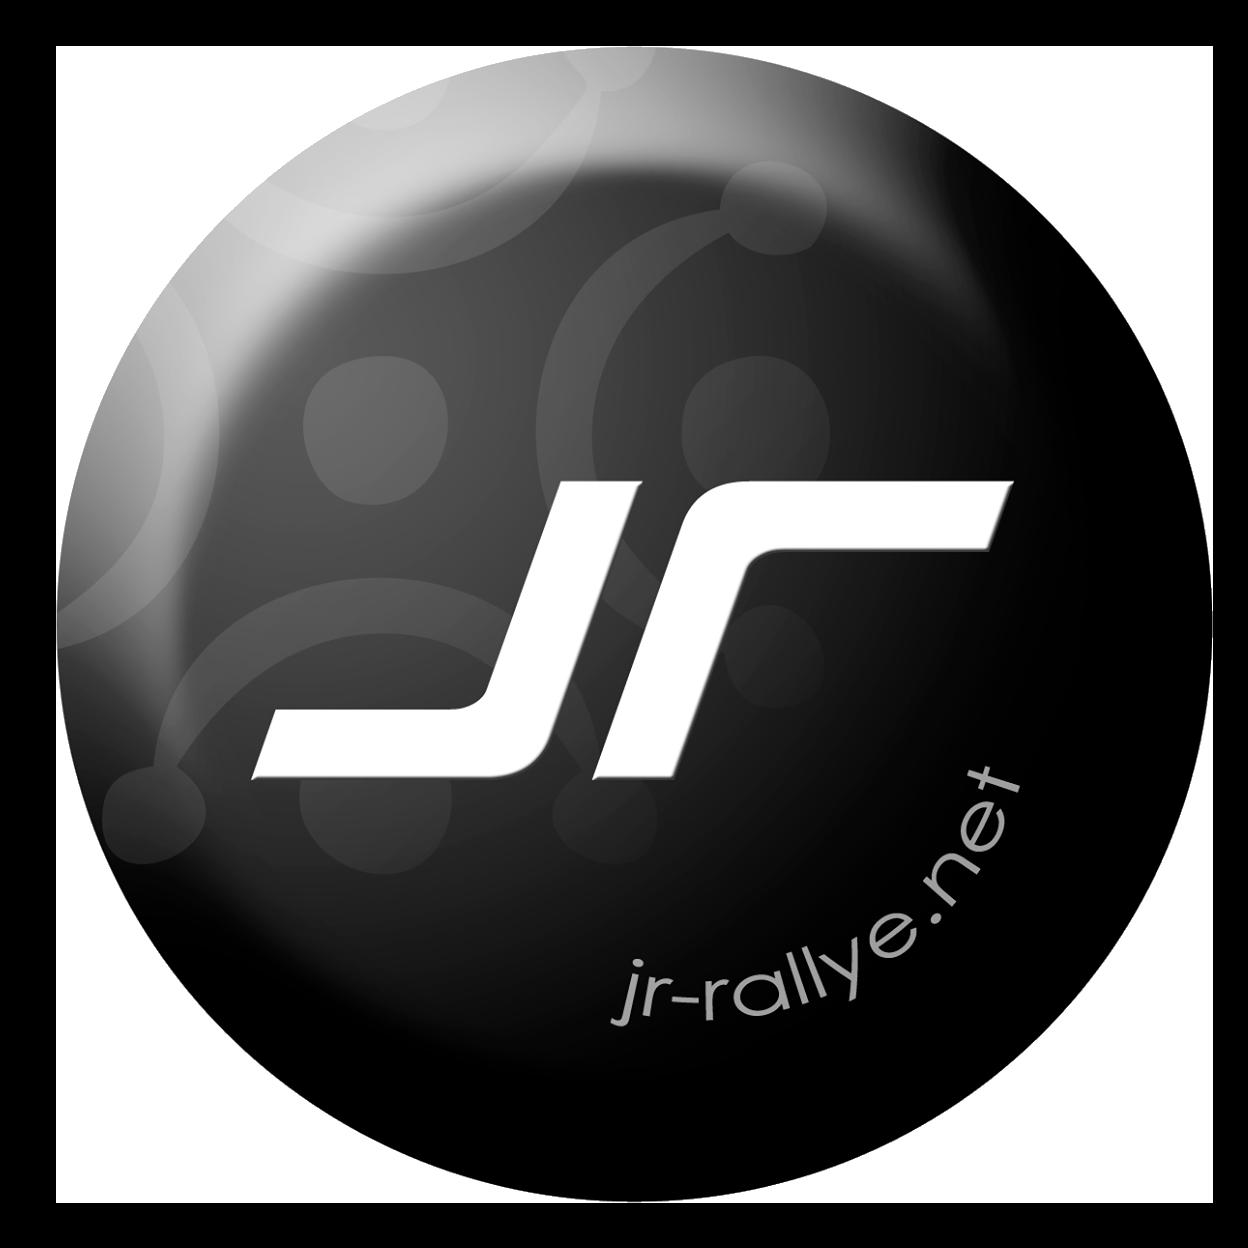 JR-Rallye Productora de Videos de Rallyes